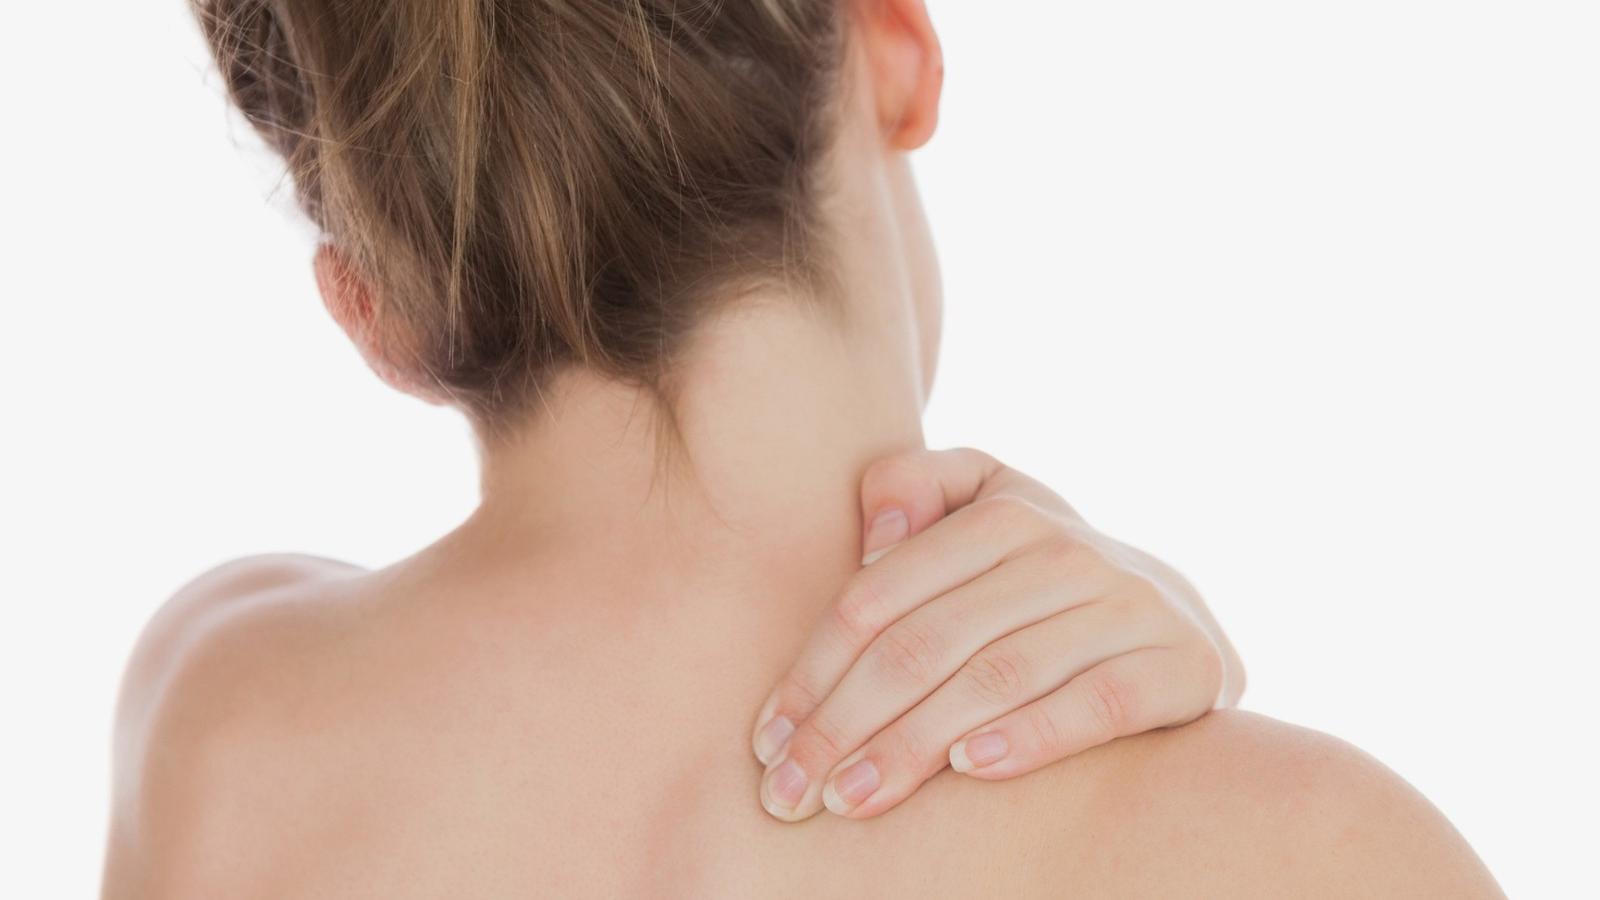 hogyan kell kezelni a vállízület neuritisét